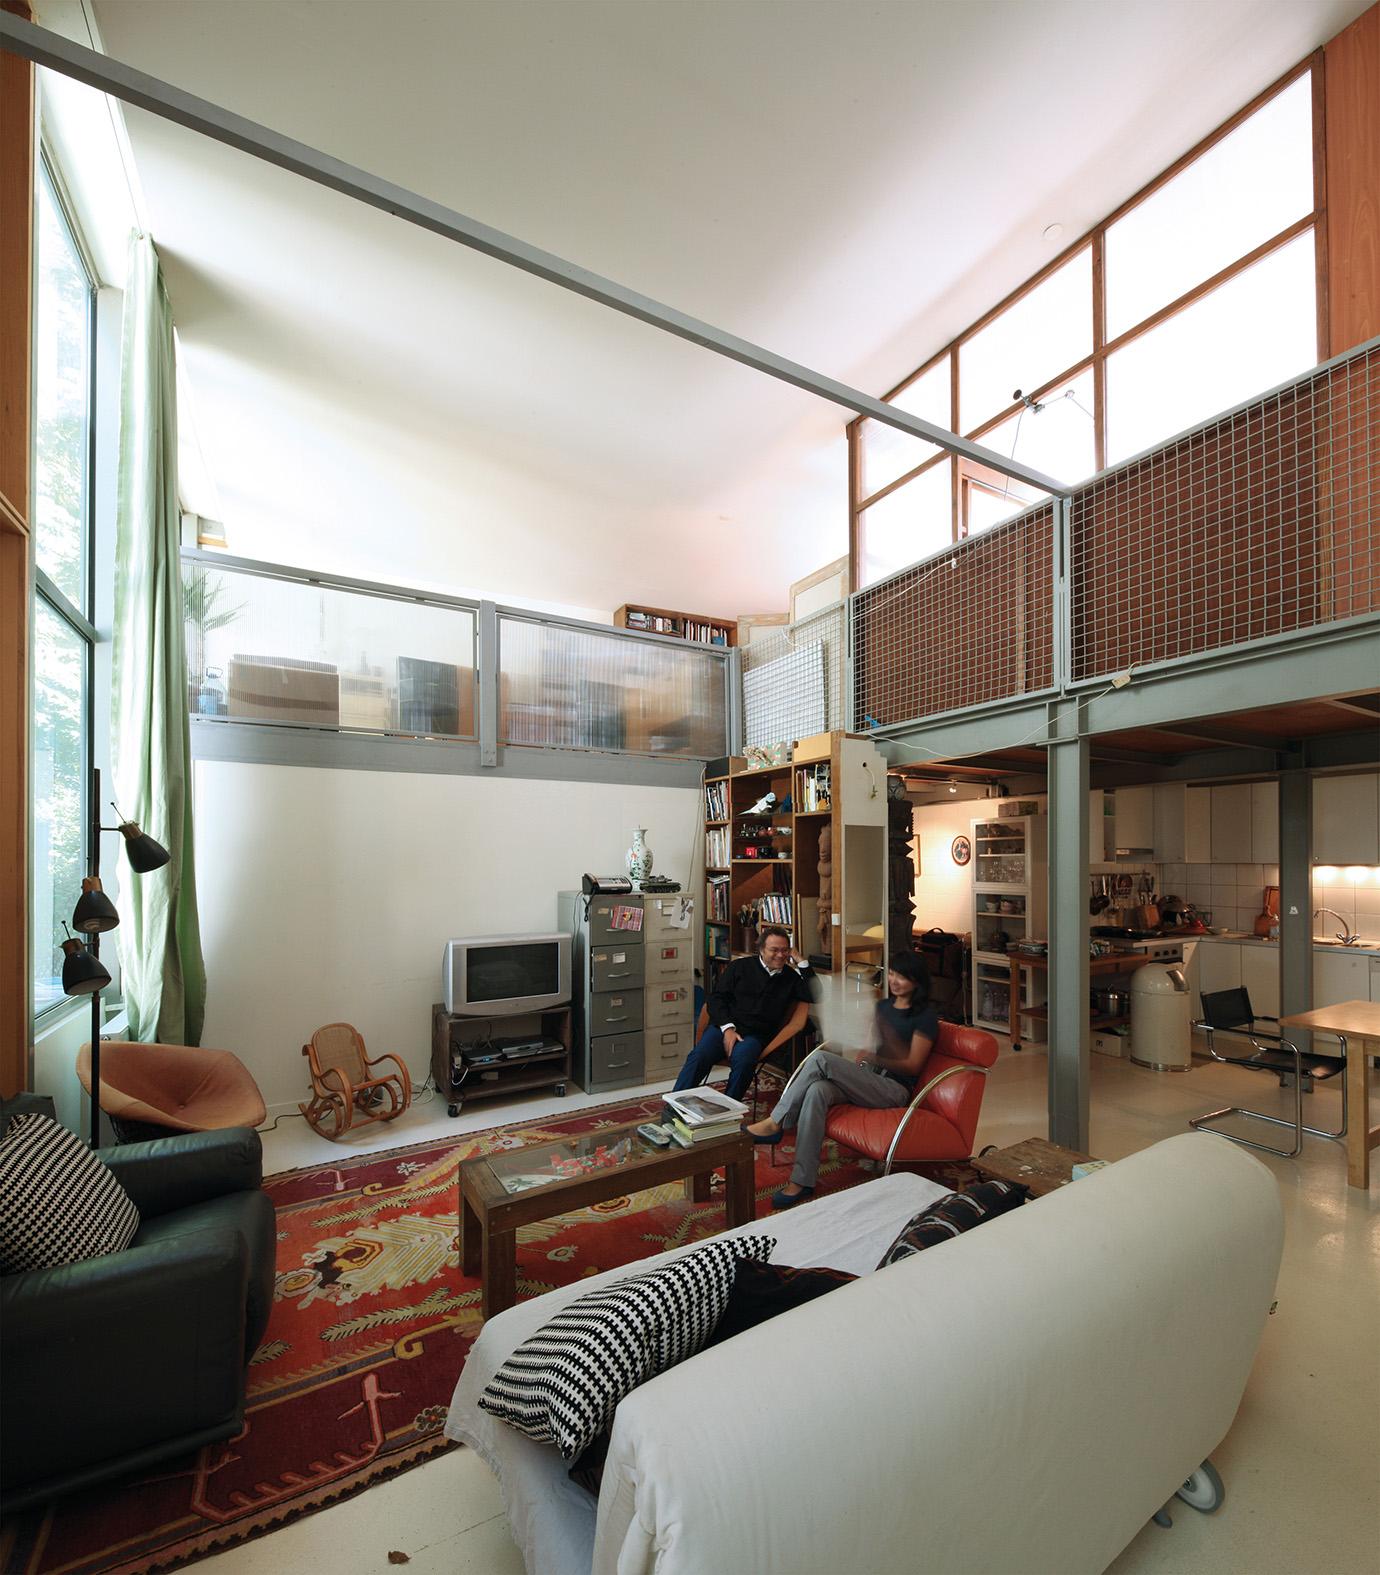 Chassis Atelier D Artiste cinq ateliers logements d'artistes – jfs architectes